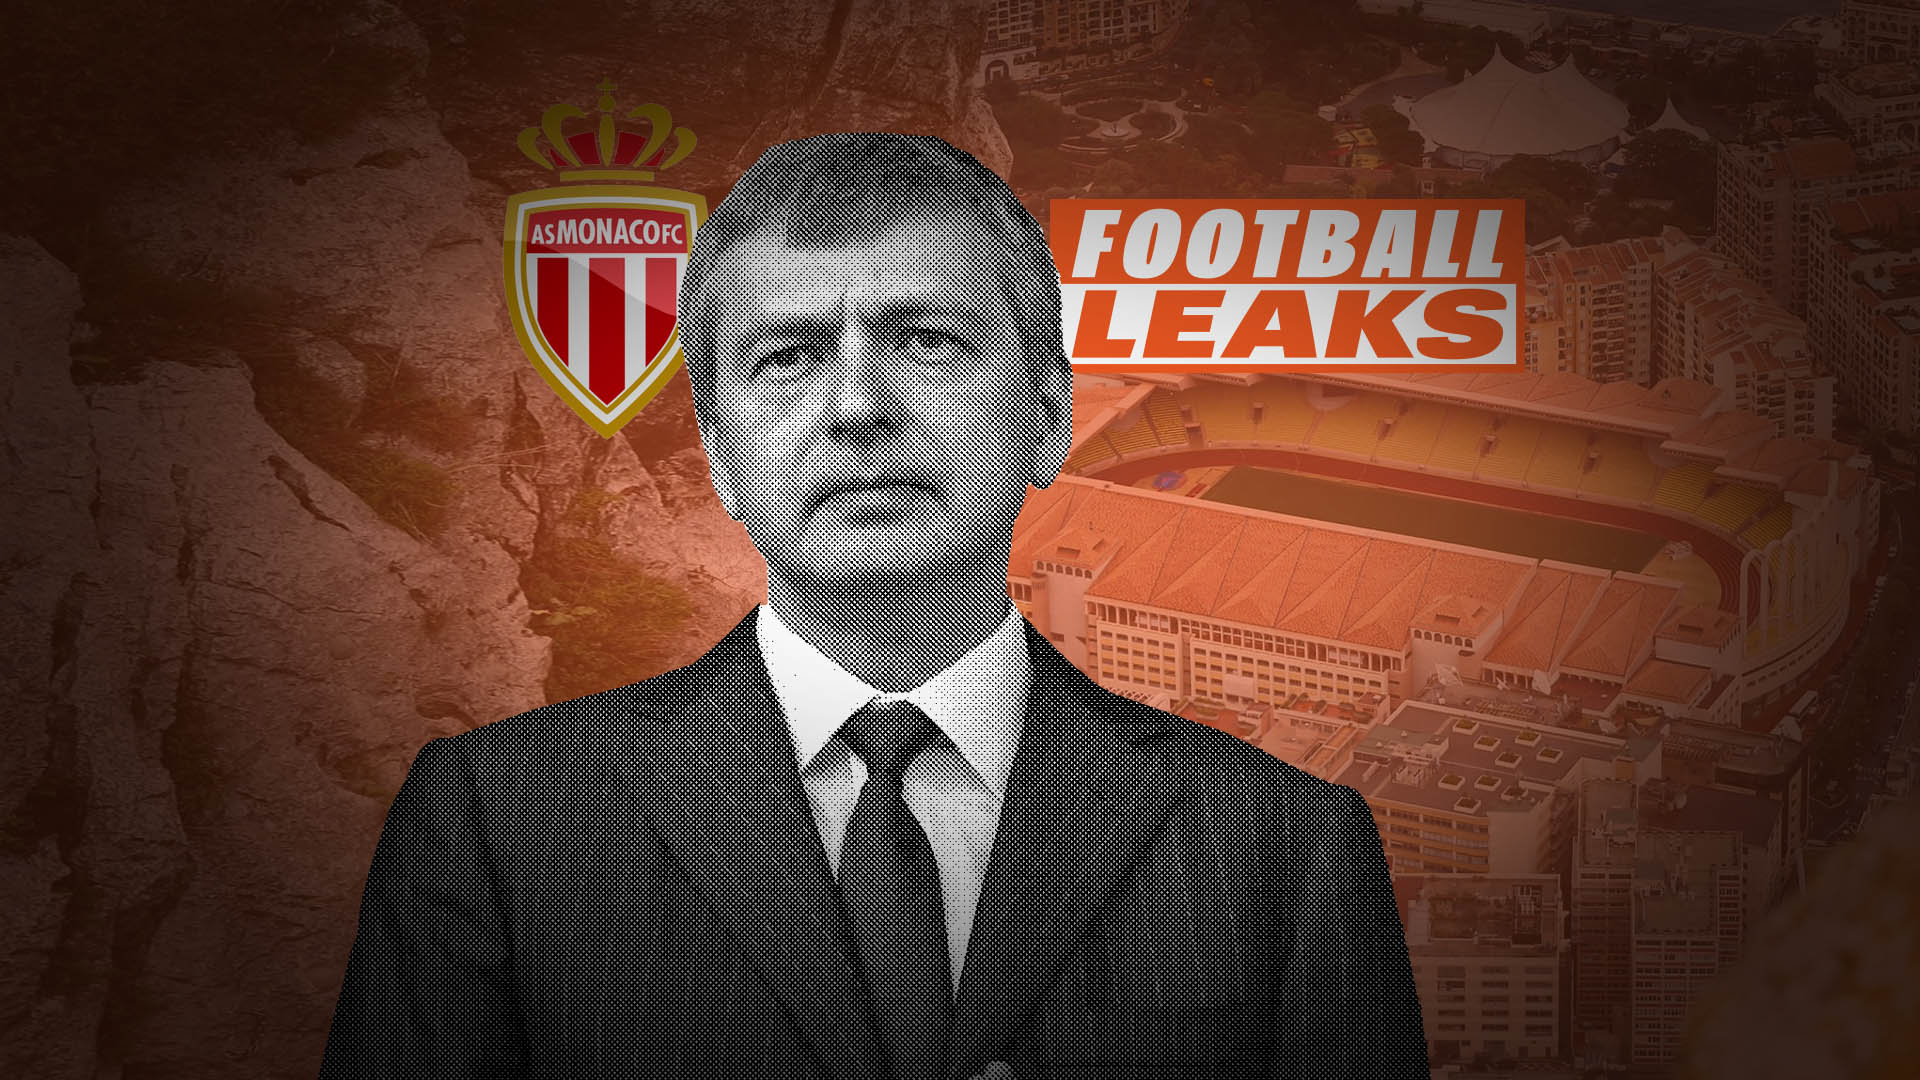 FOOTBALL LEAKS: Kako je ruski milijarder zarobio AS Monaco i cijelu kneževinu (3. dio)